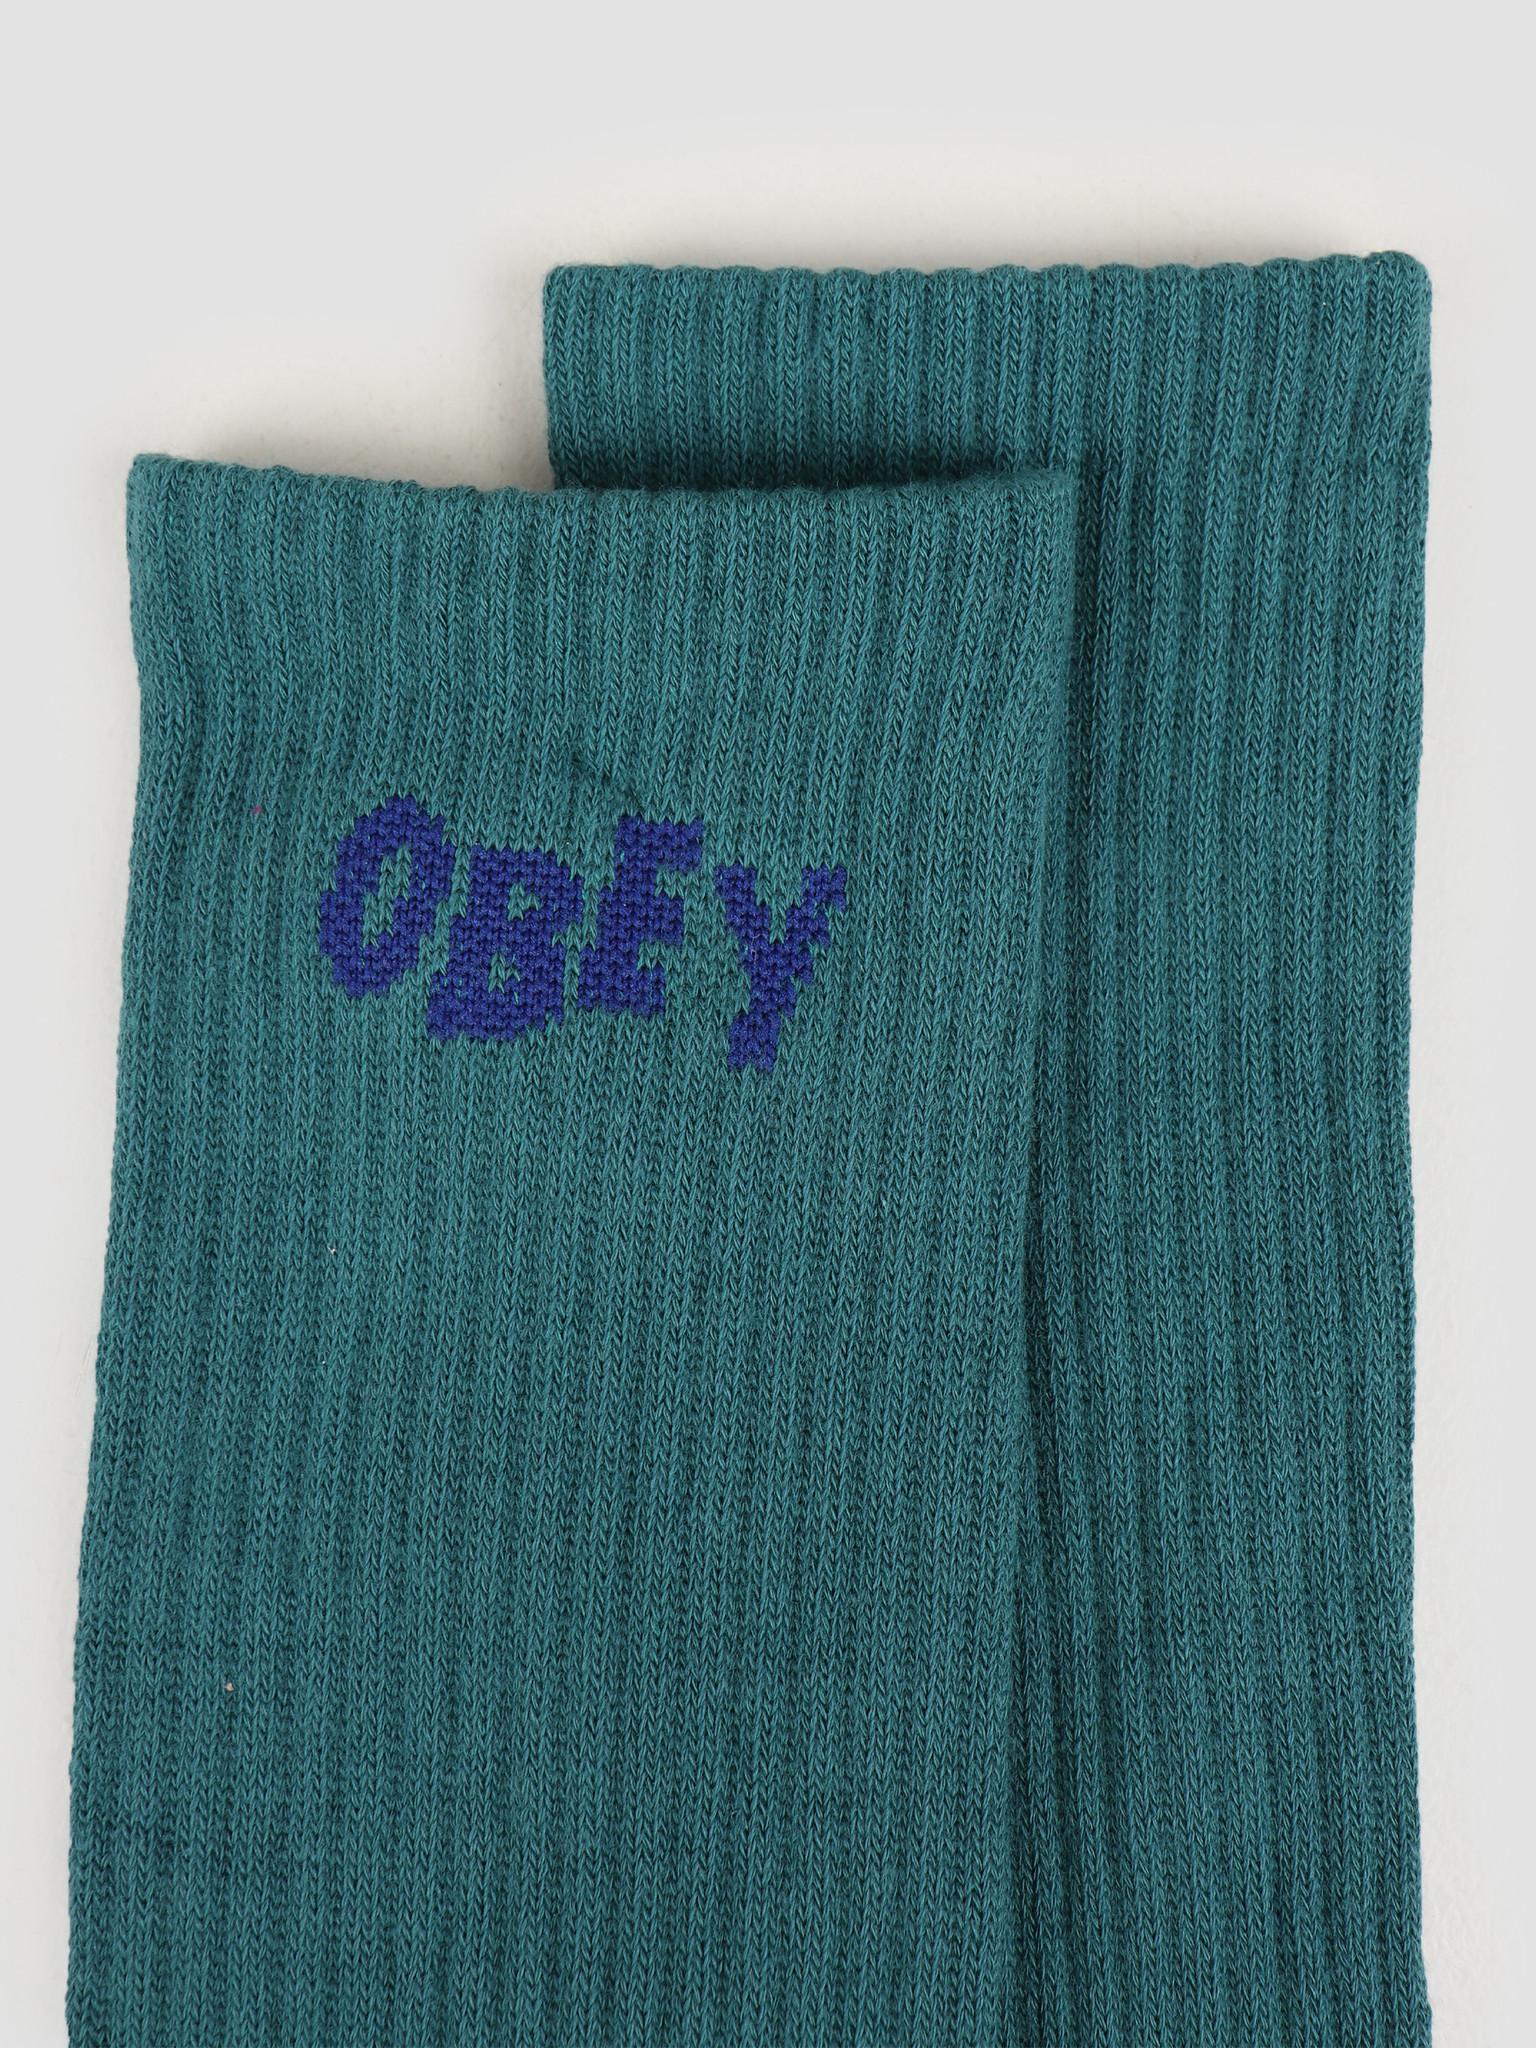 Obey Obey OBEY Jumbled Socks Eucalyptus / blue 100260089 EUC